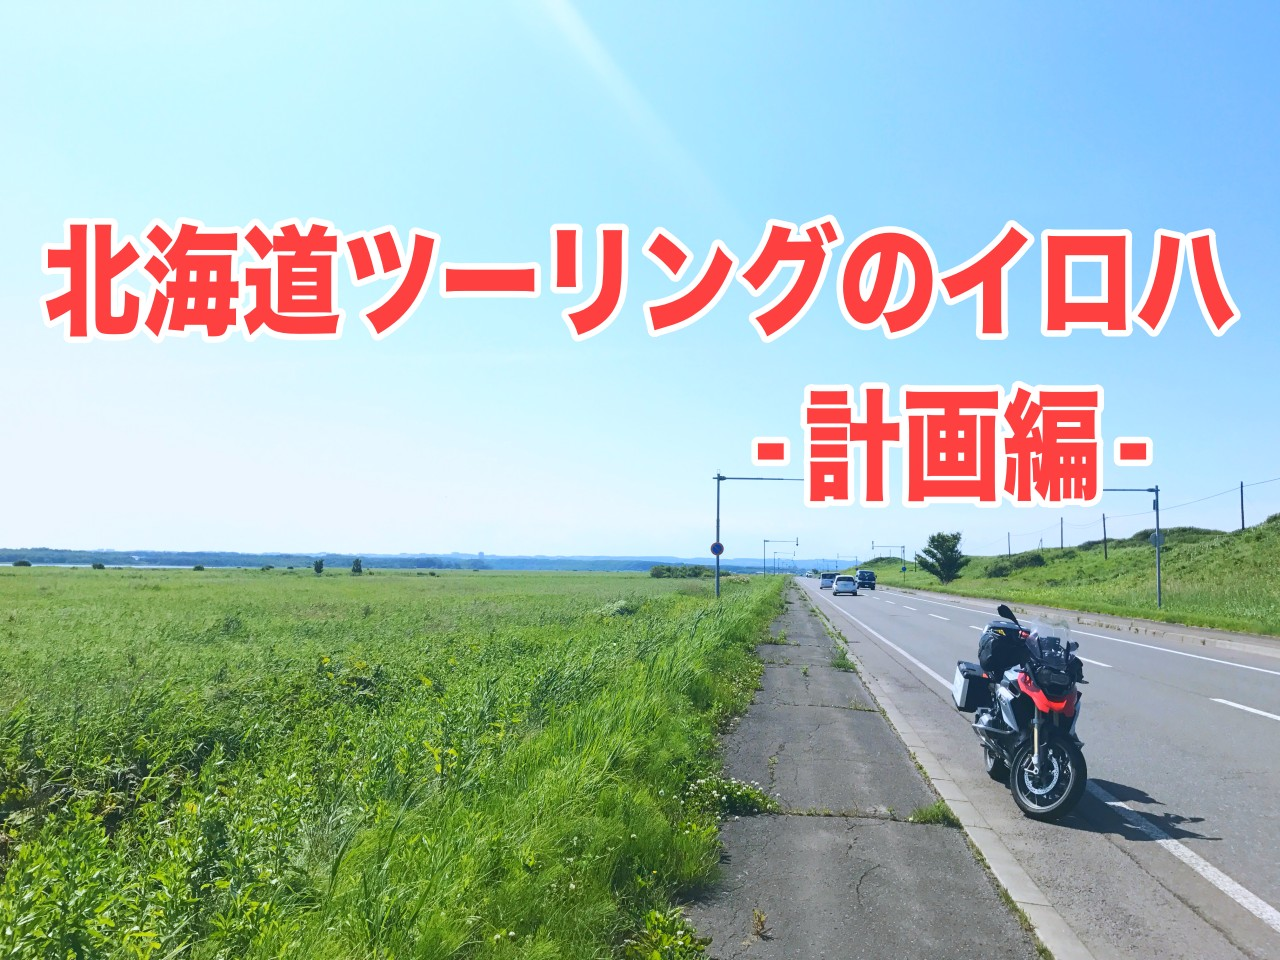 北海道ツーリングのイロハ 計画編